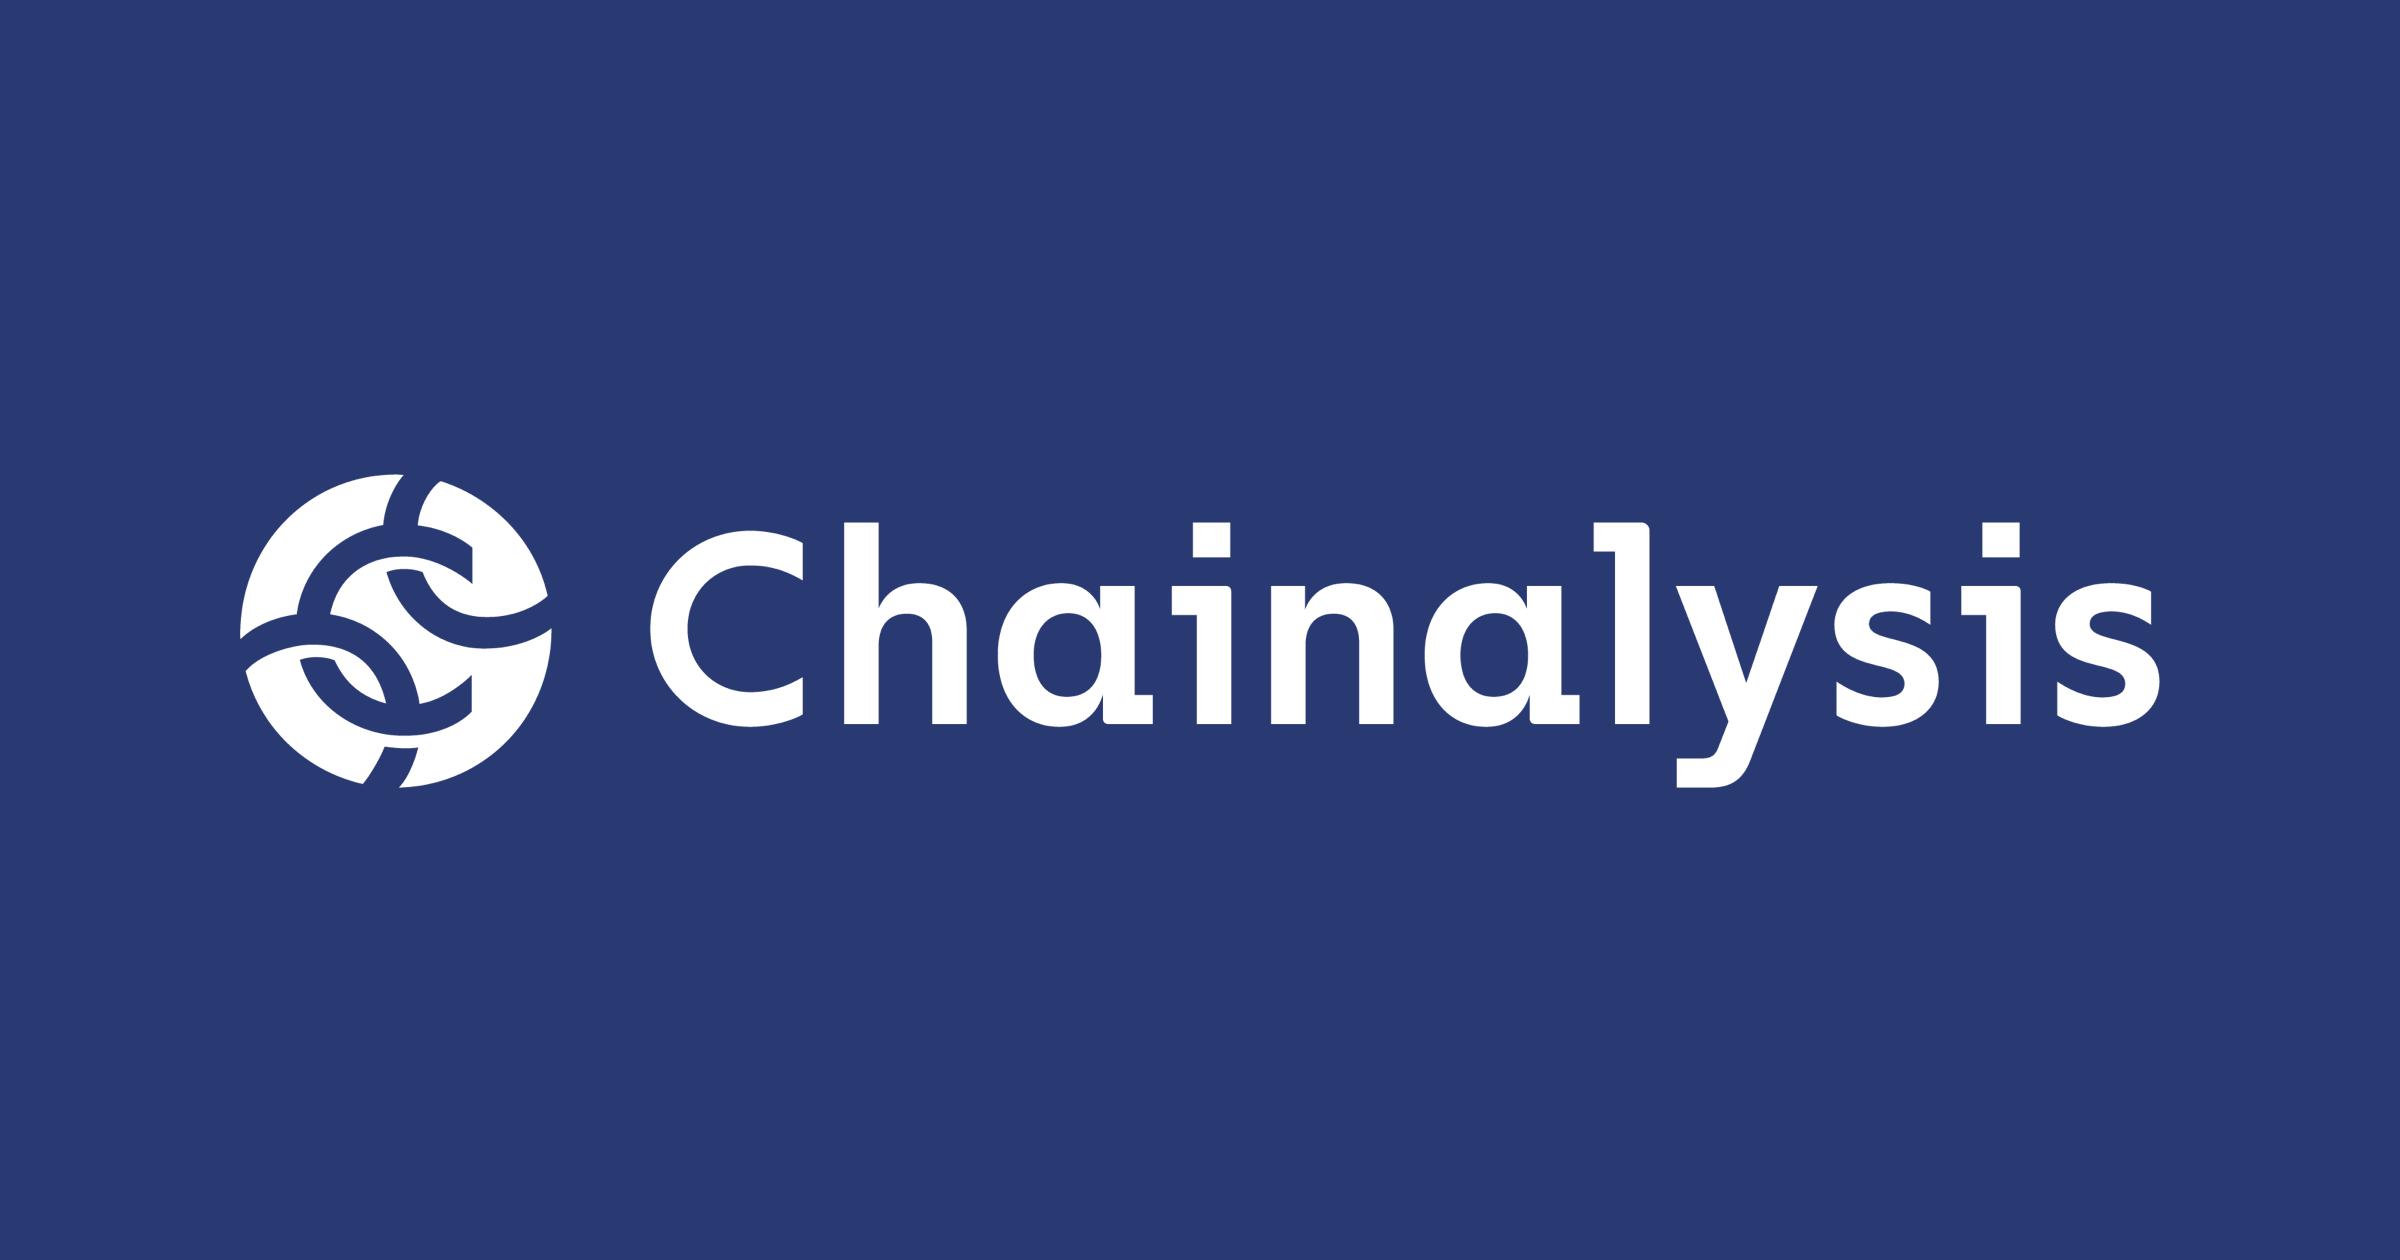 """تقييم شركة تحليلات البلوكشين """"Chainalysis"""" يصل لـ 2 مليار دولار"""